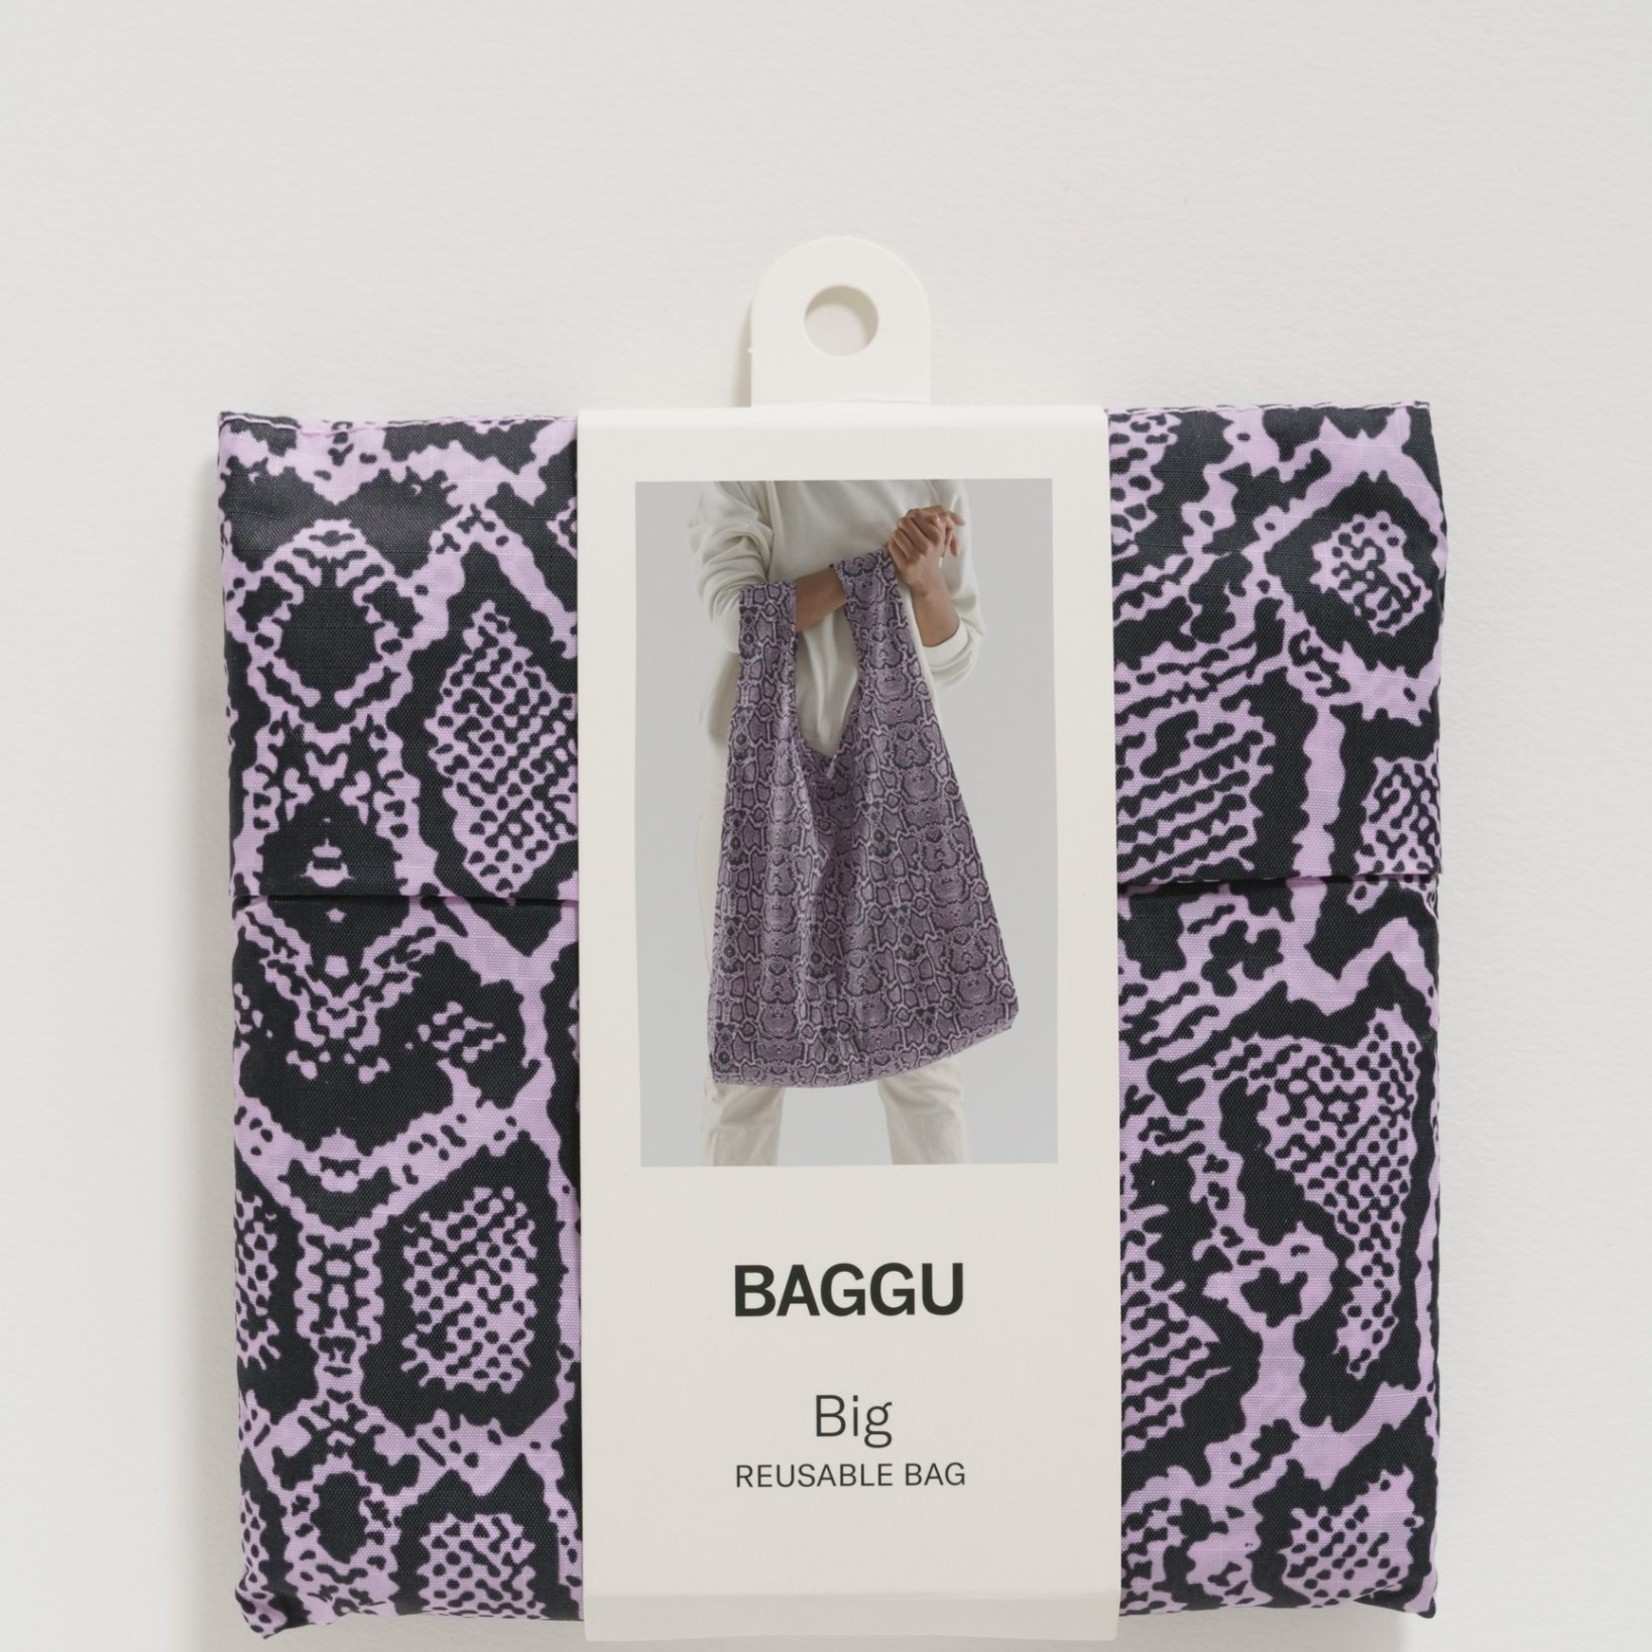 Baggu Baggu Reusable Bag Big Pink Snakeskin